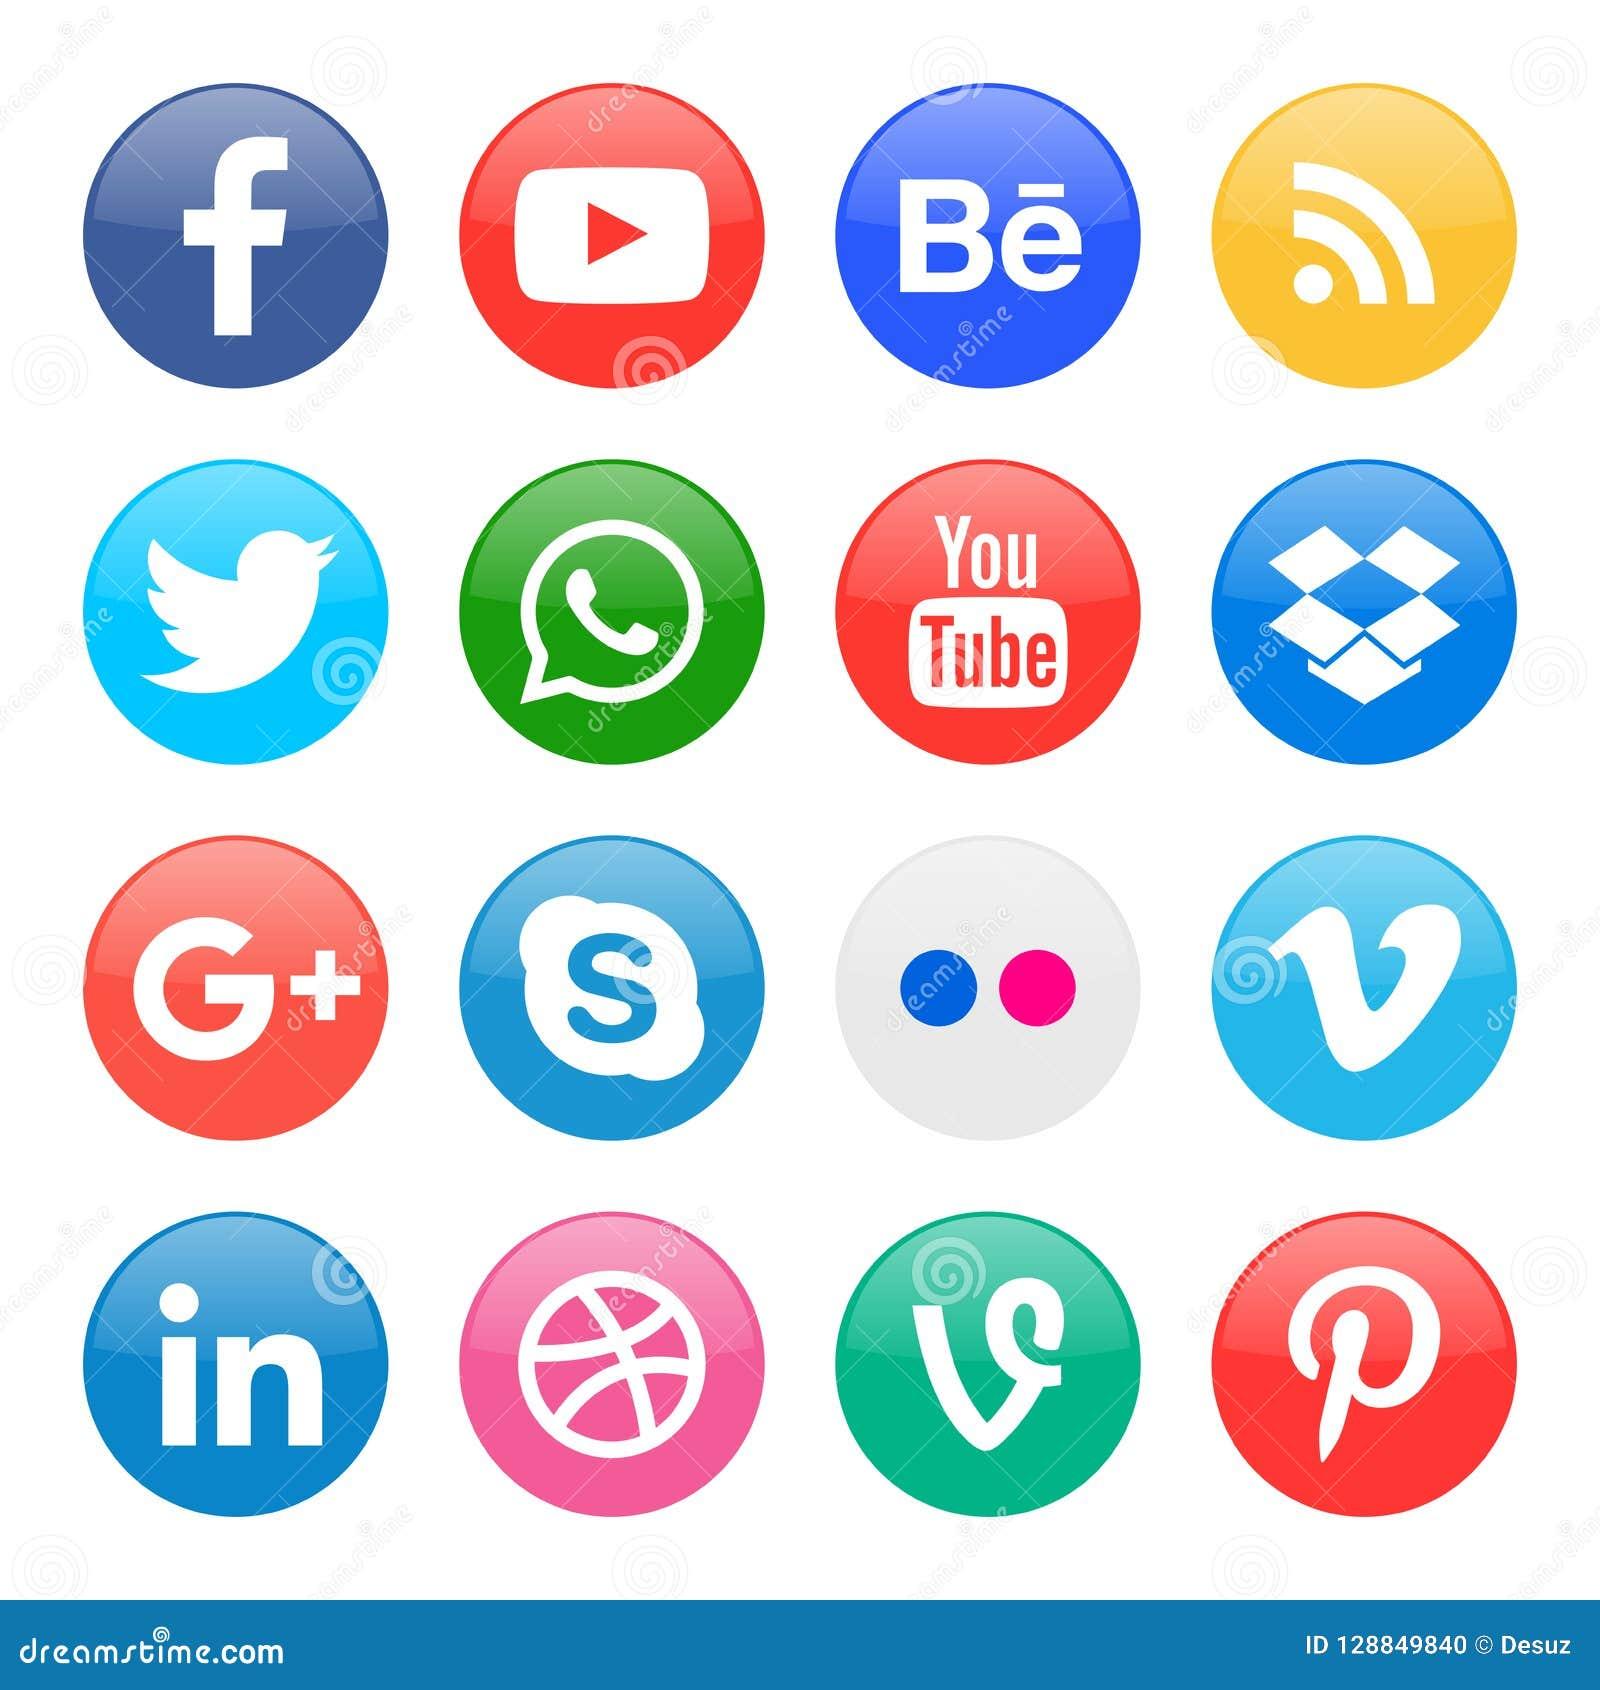 круглые значки для социальных средств массовой информации